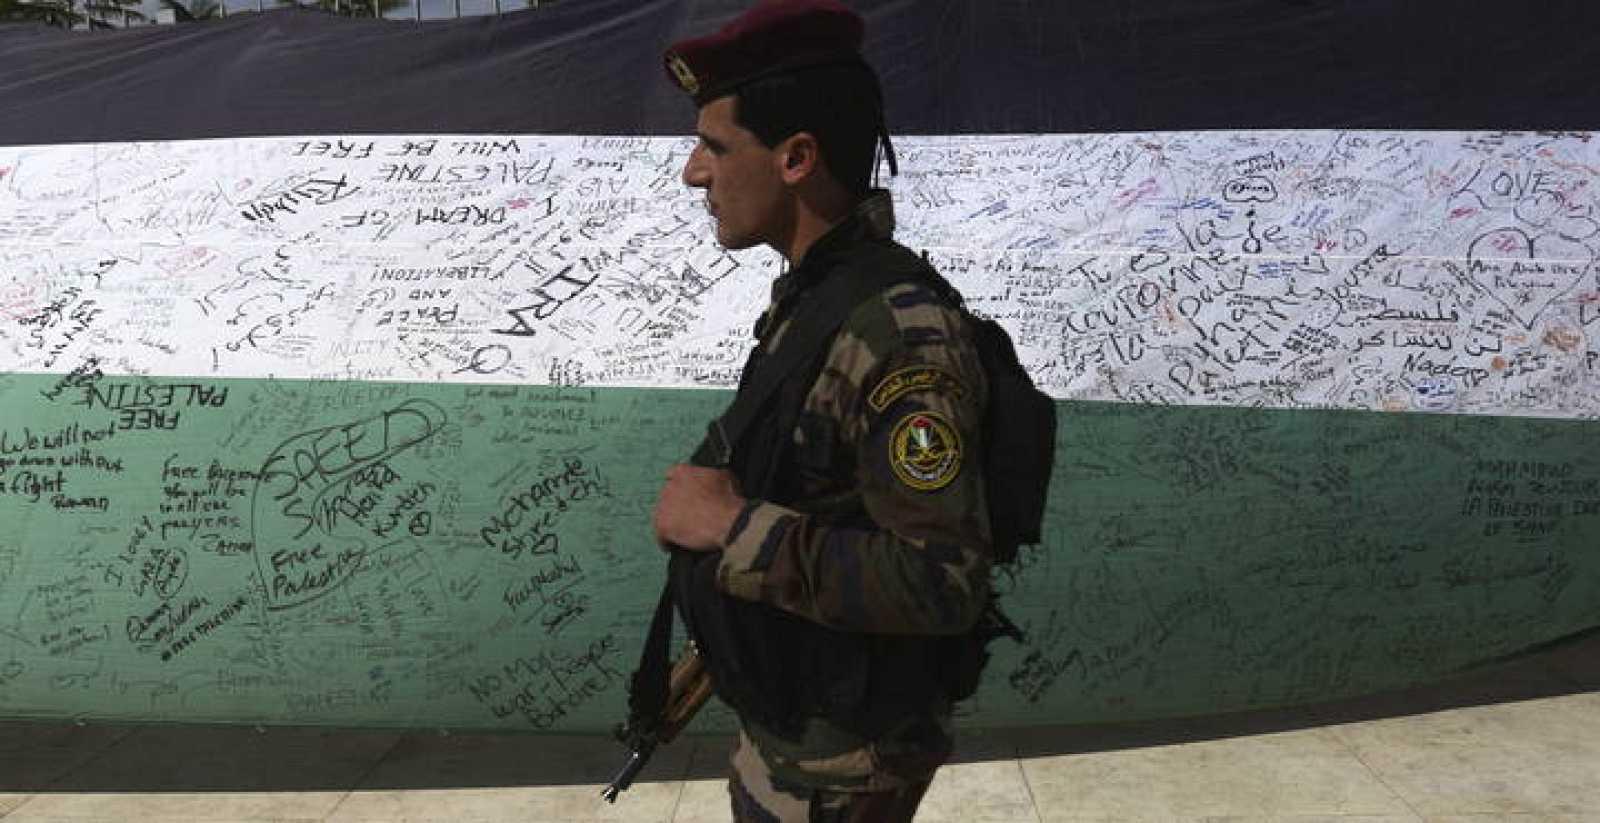 Un miembro de las Fuerzas de Seguridad palestinas pasa junto a una bandera palestina de 66 metros de largo en Ramalah